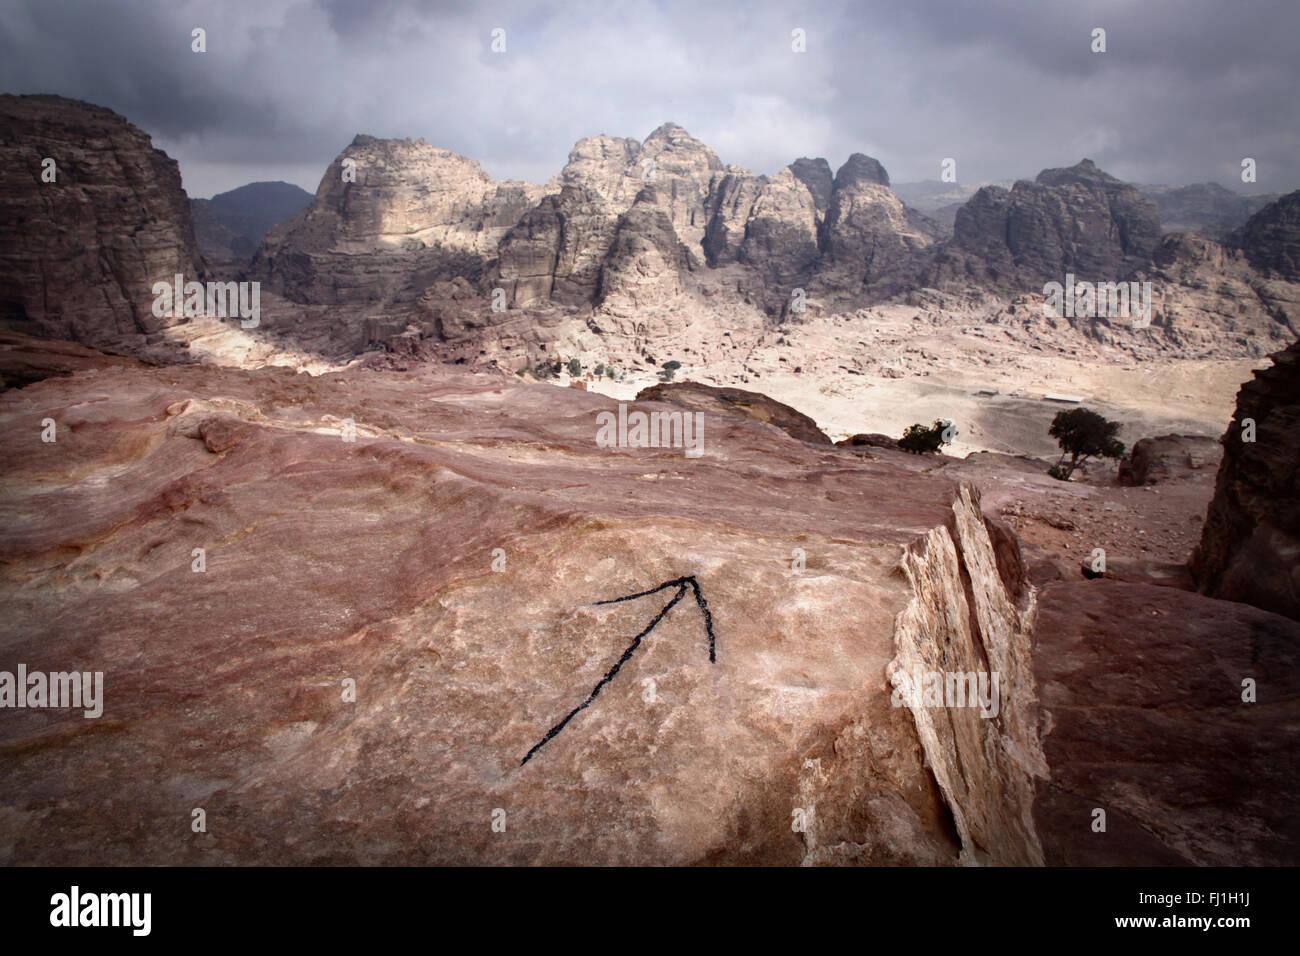 Flèche peinte sur rock montre une manière sur Jebel al-Madhbah , une montagne sur le site de Petra, Jordanie Photo Stock